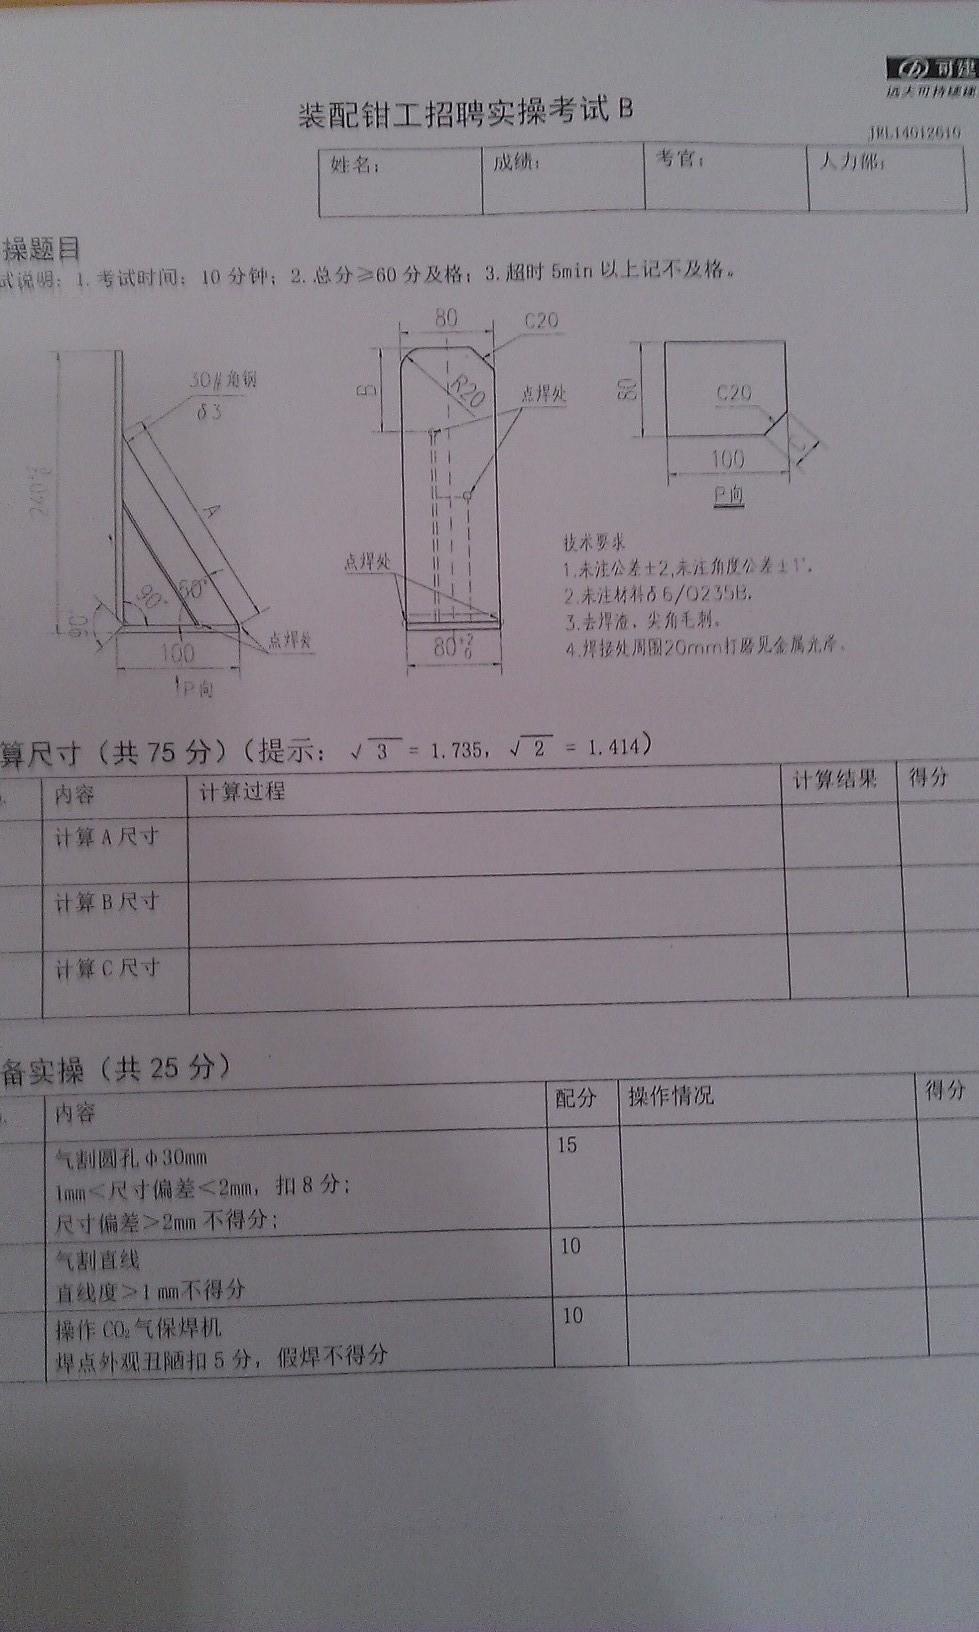 装配钳工中级�zh�_装配钳工图纸计算题求高手帮忙做下解答,急求 谢谢!